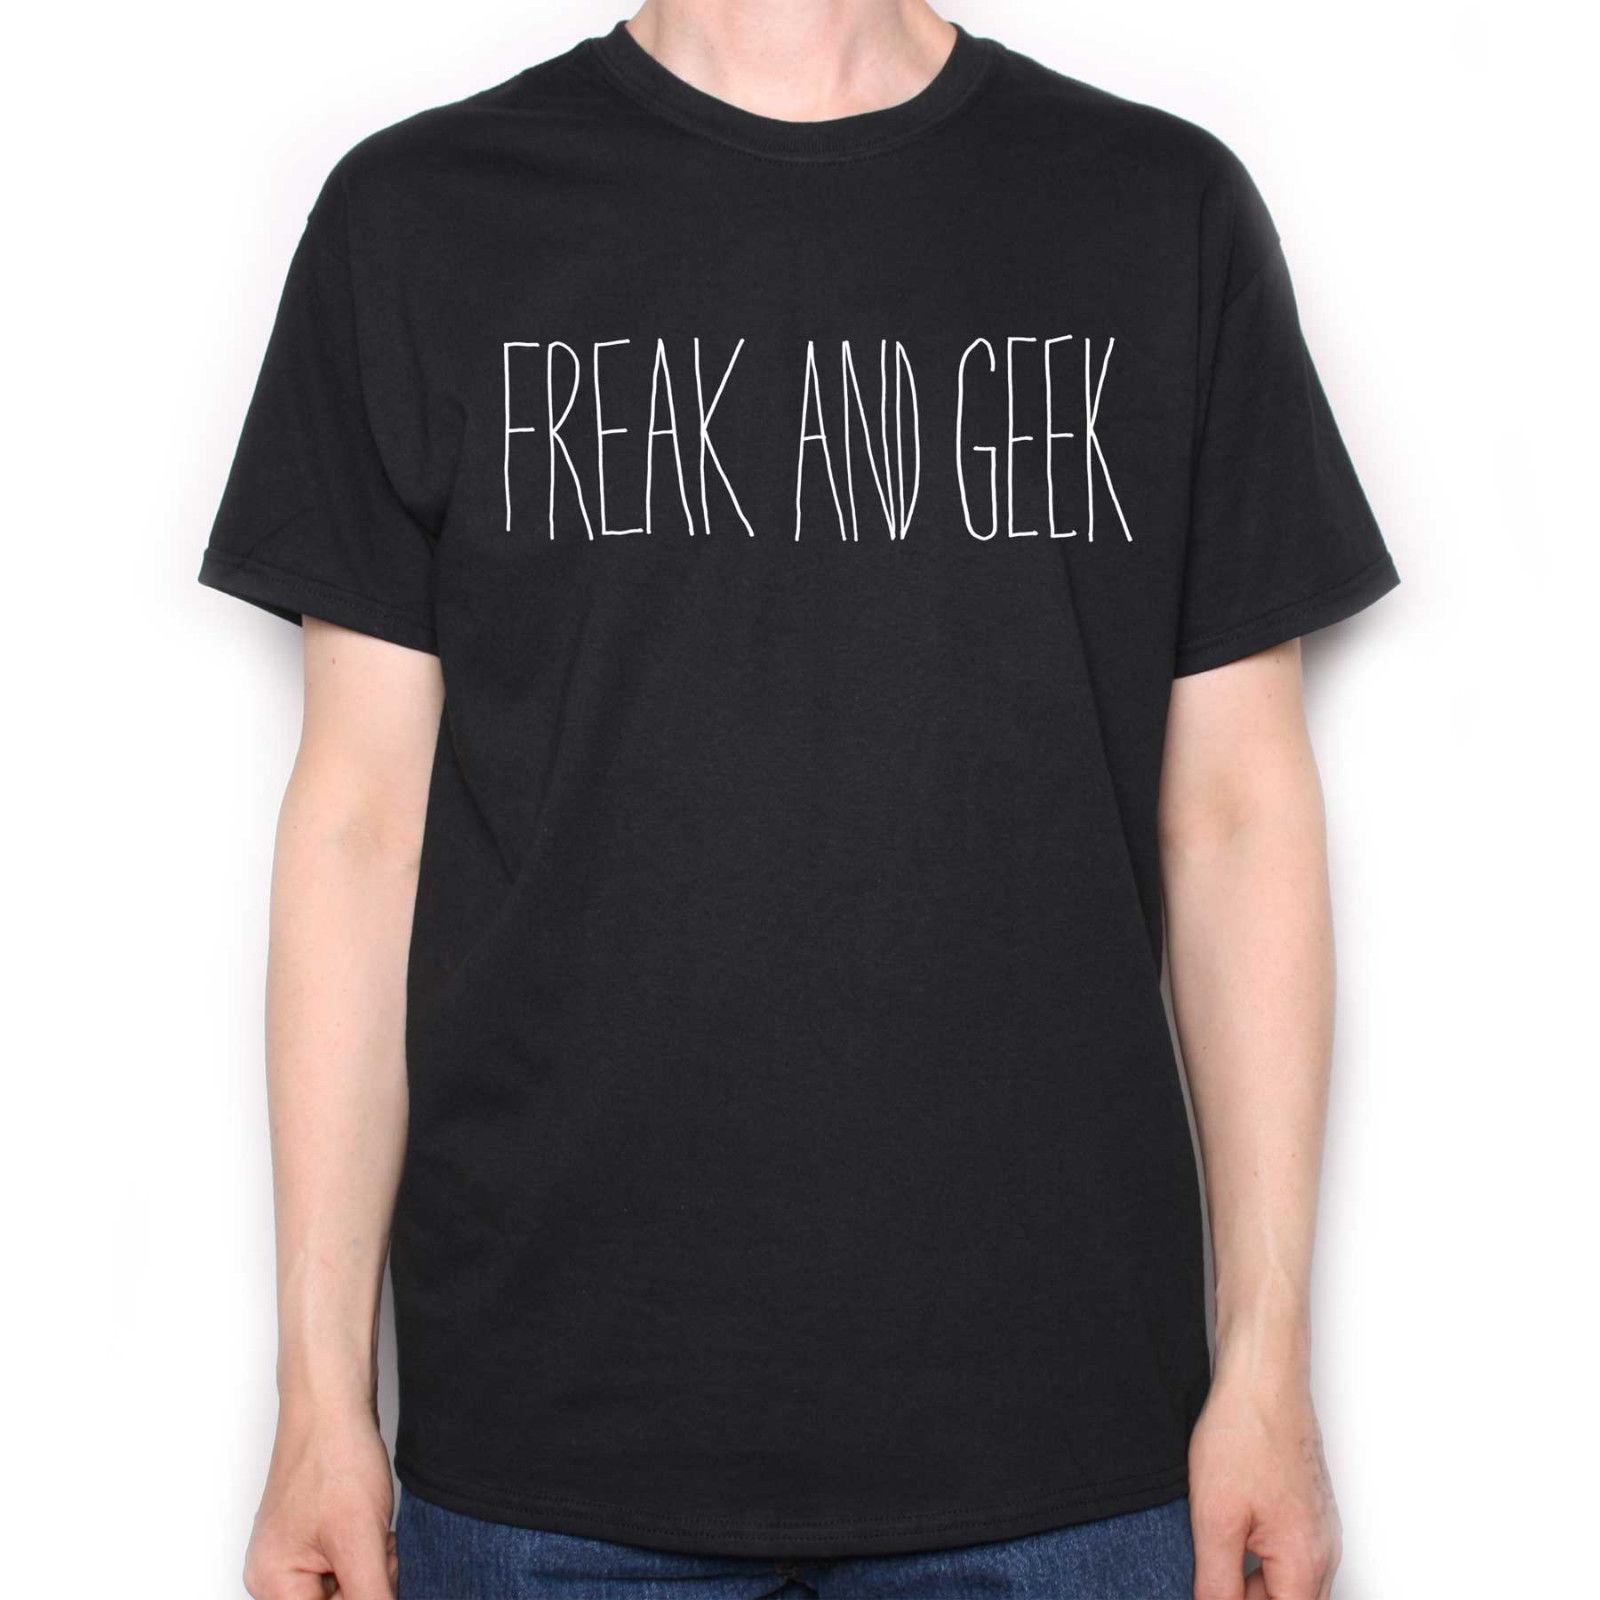 A Tribute To Freaks & Geeks T Shirt - Freak & Geek Cult TV Tribute Fashion Style Men Tee,custom printed tshirt,2019 hot tees